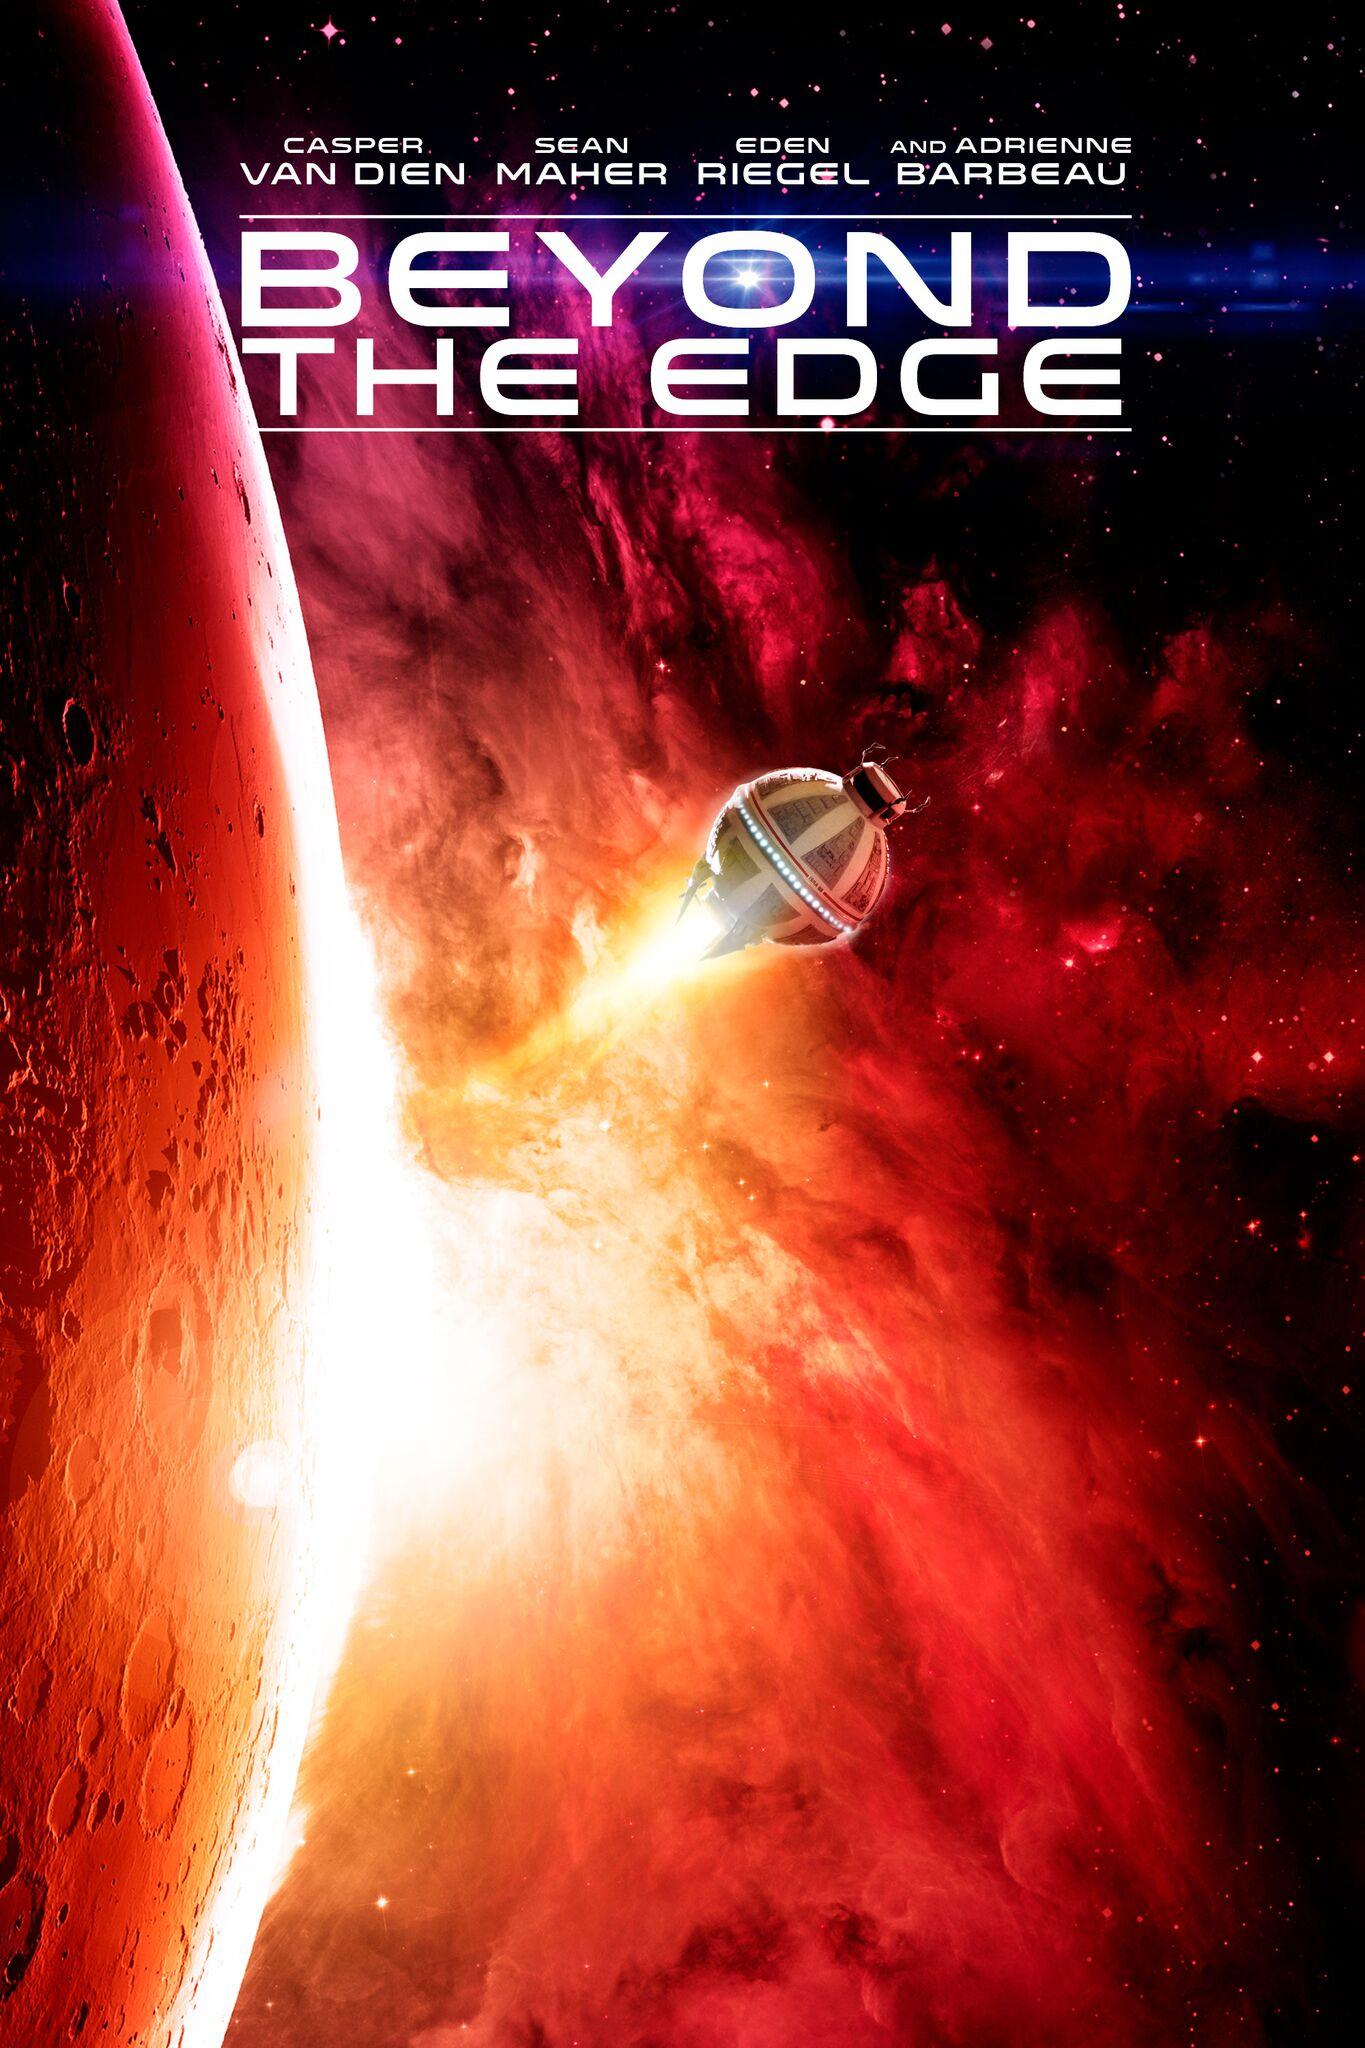 Beyond The Edge Film